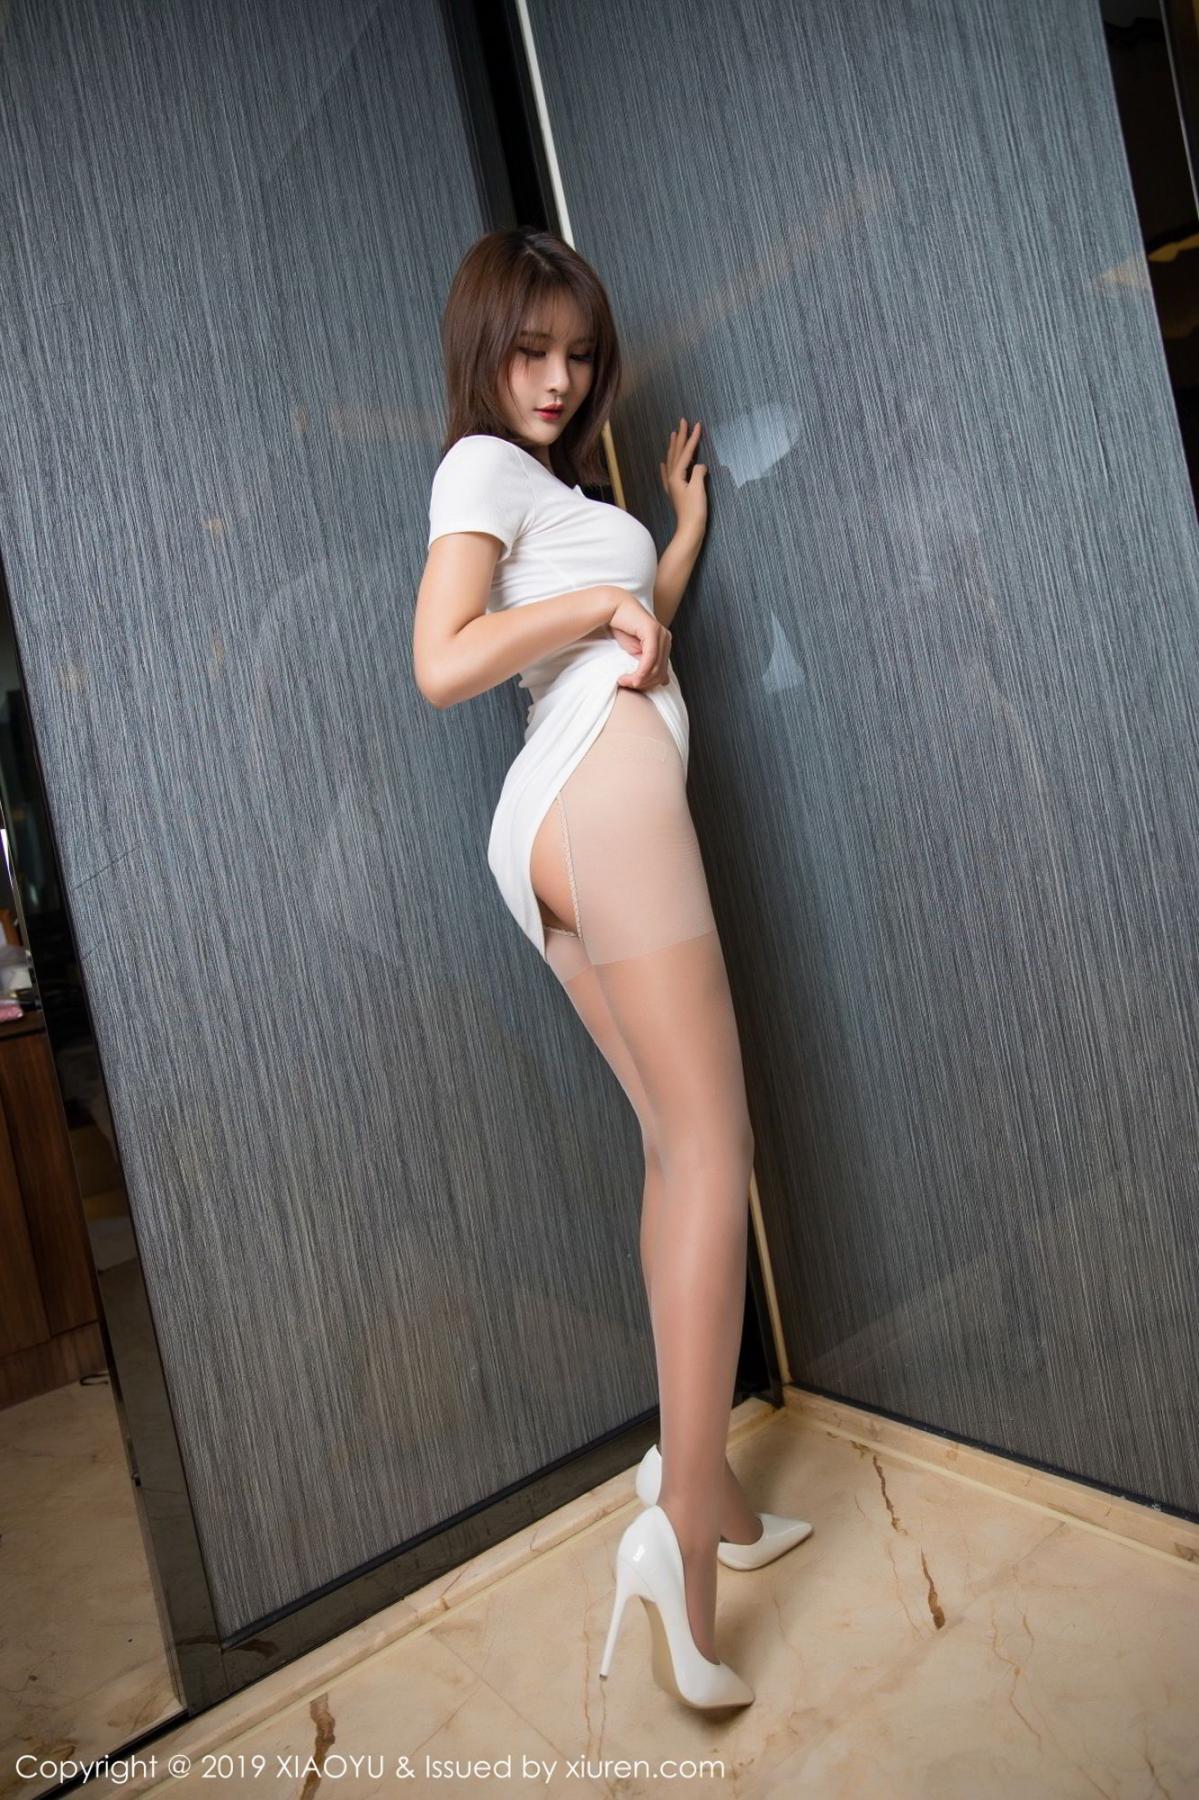 [XiaoYu] Vol.112 Solo Yi Fei 1P, Solo Yi Fei, Underwear, XiaoYu